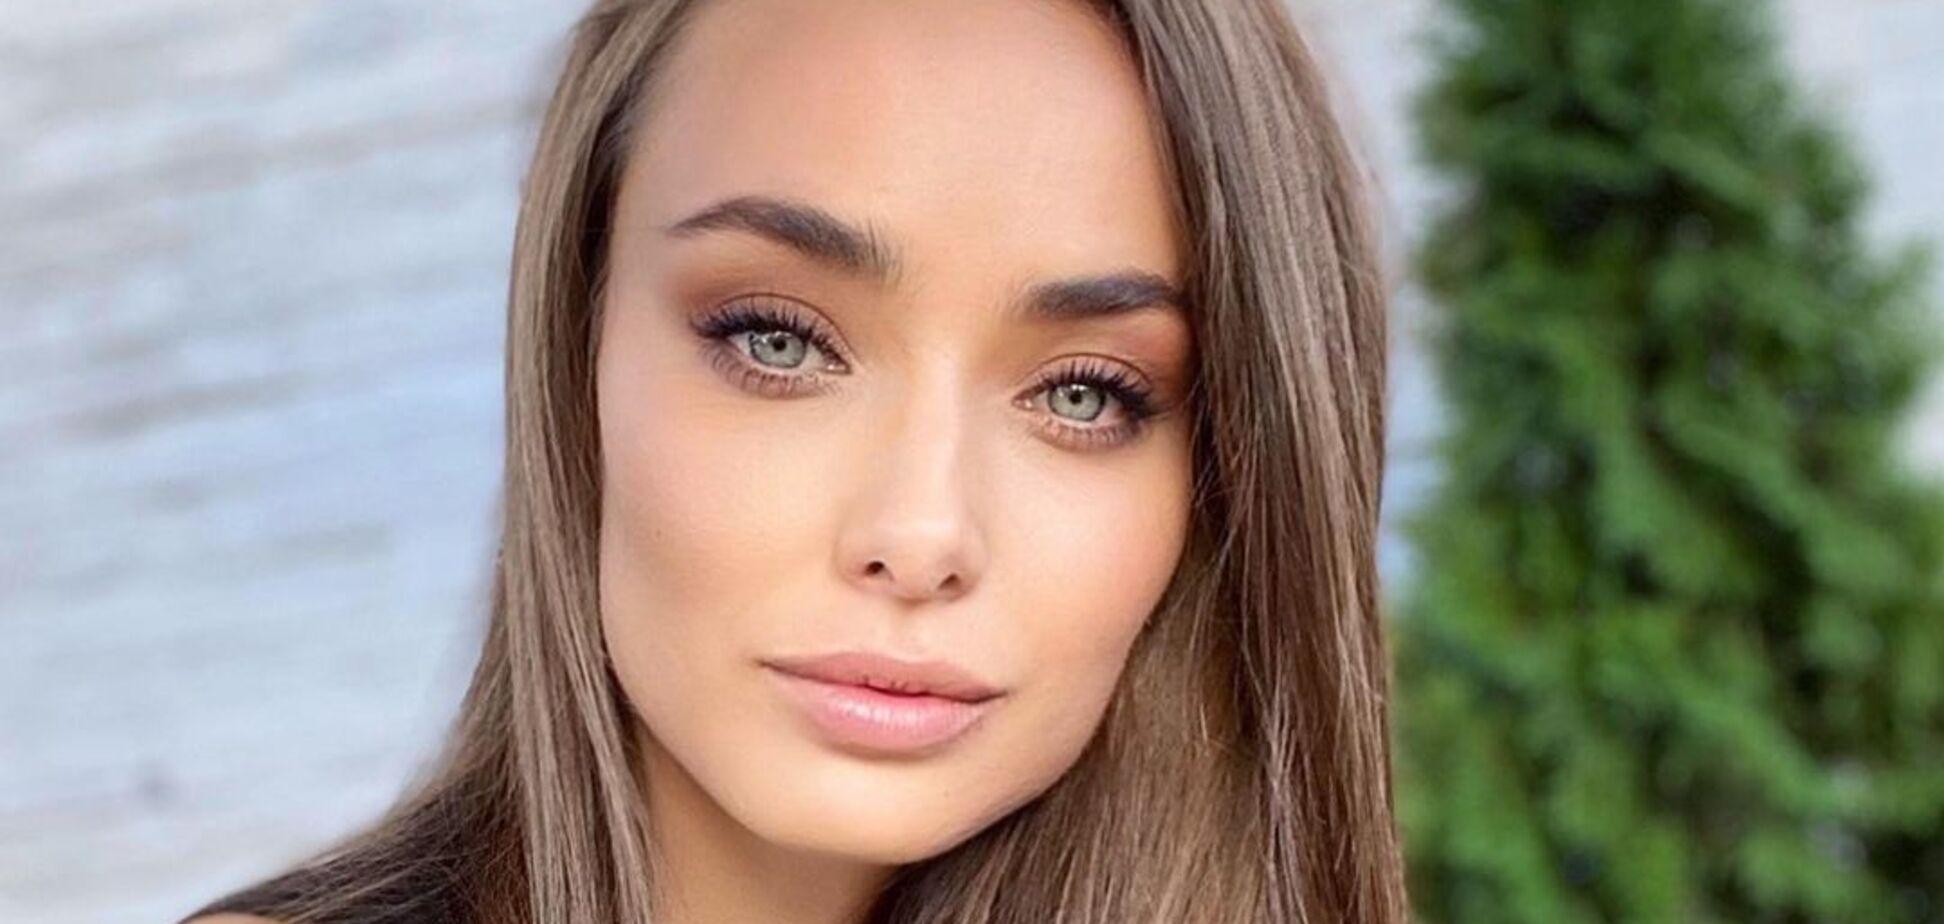 Ксения Мишина – главная героиня шоу 'Холостячка'